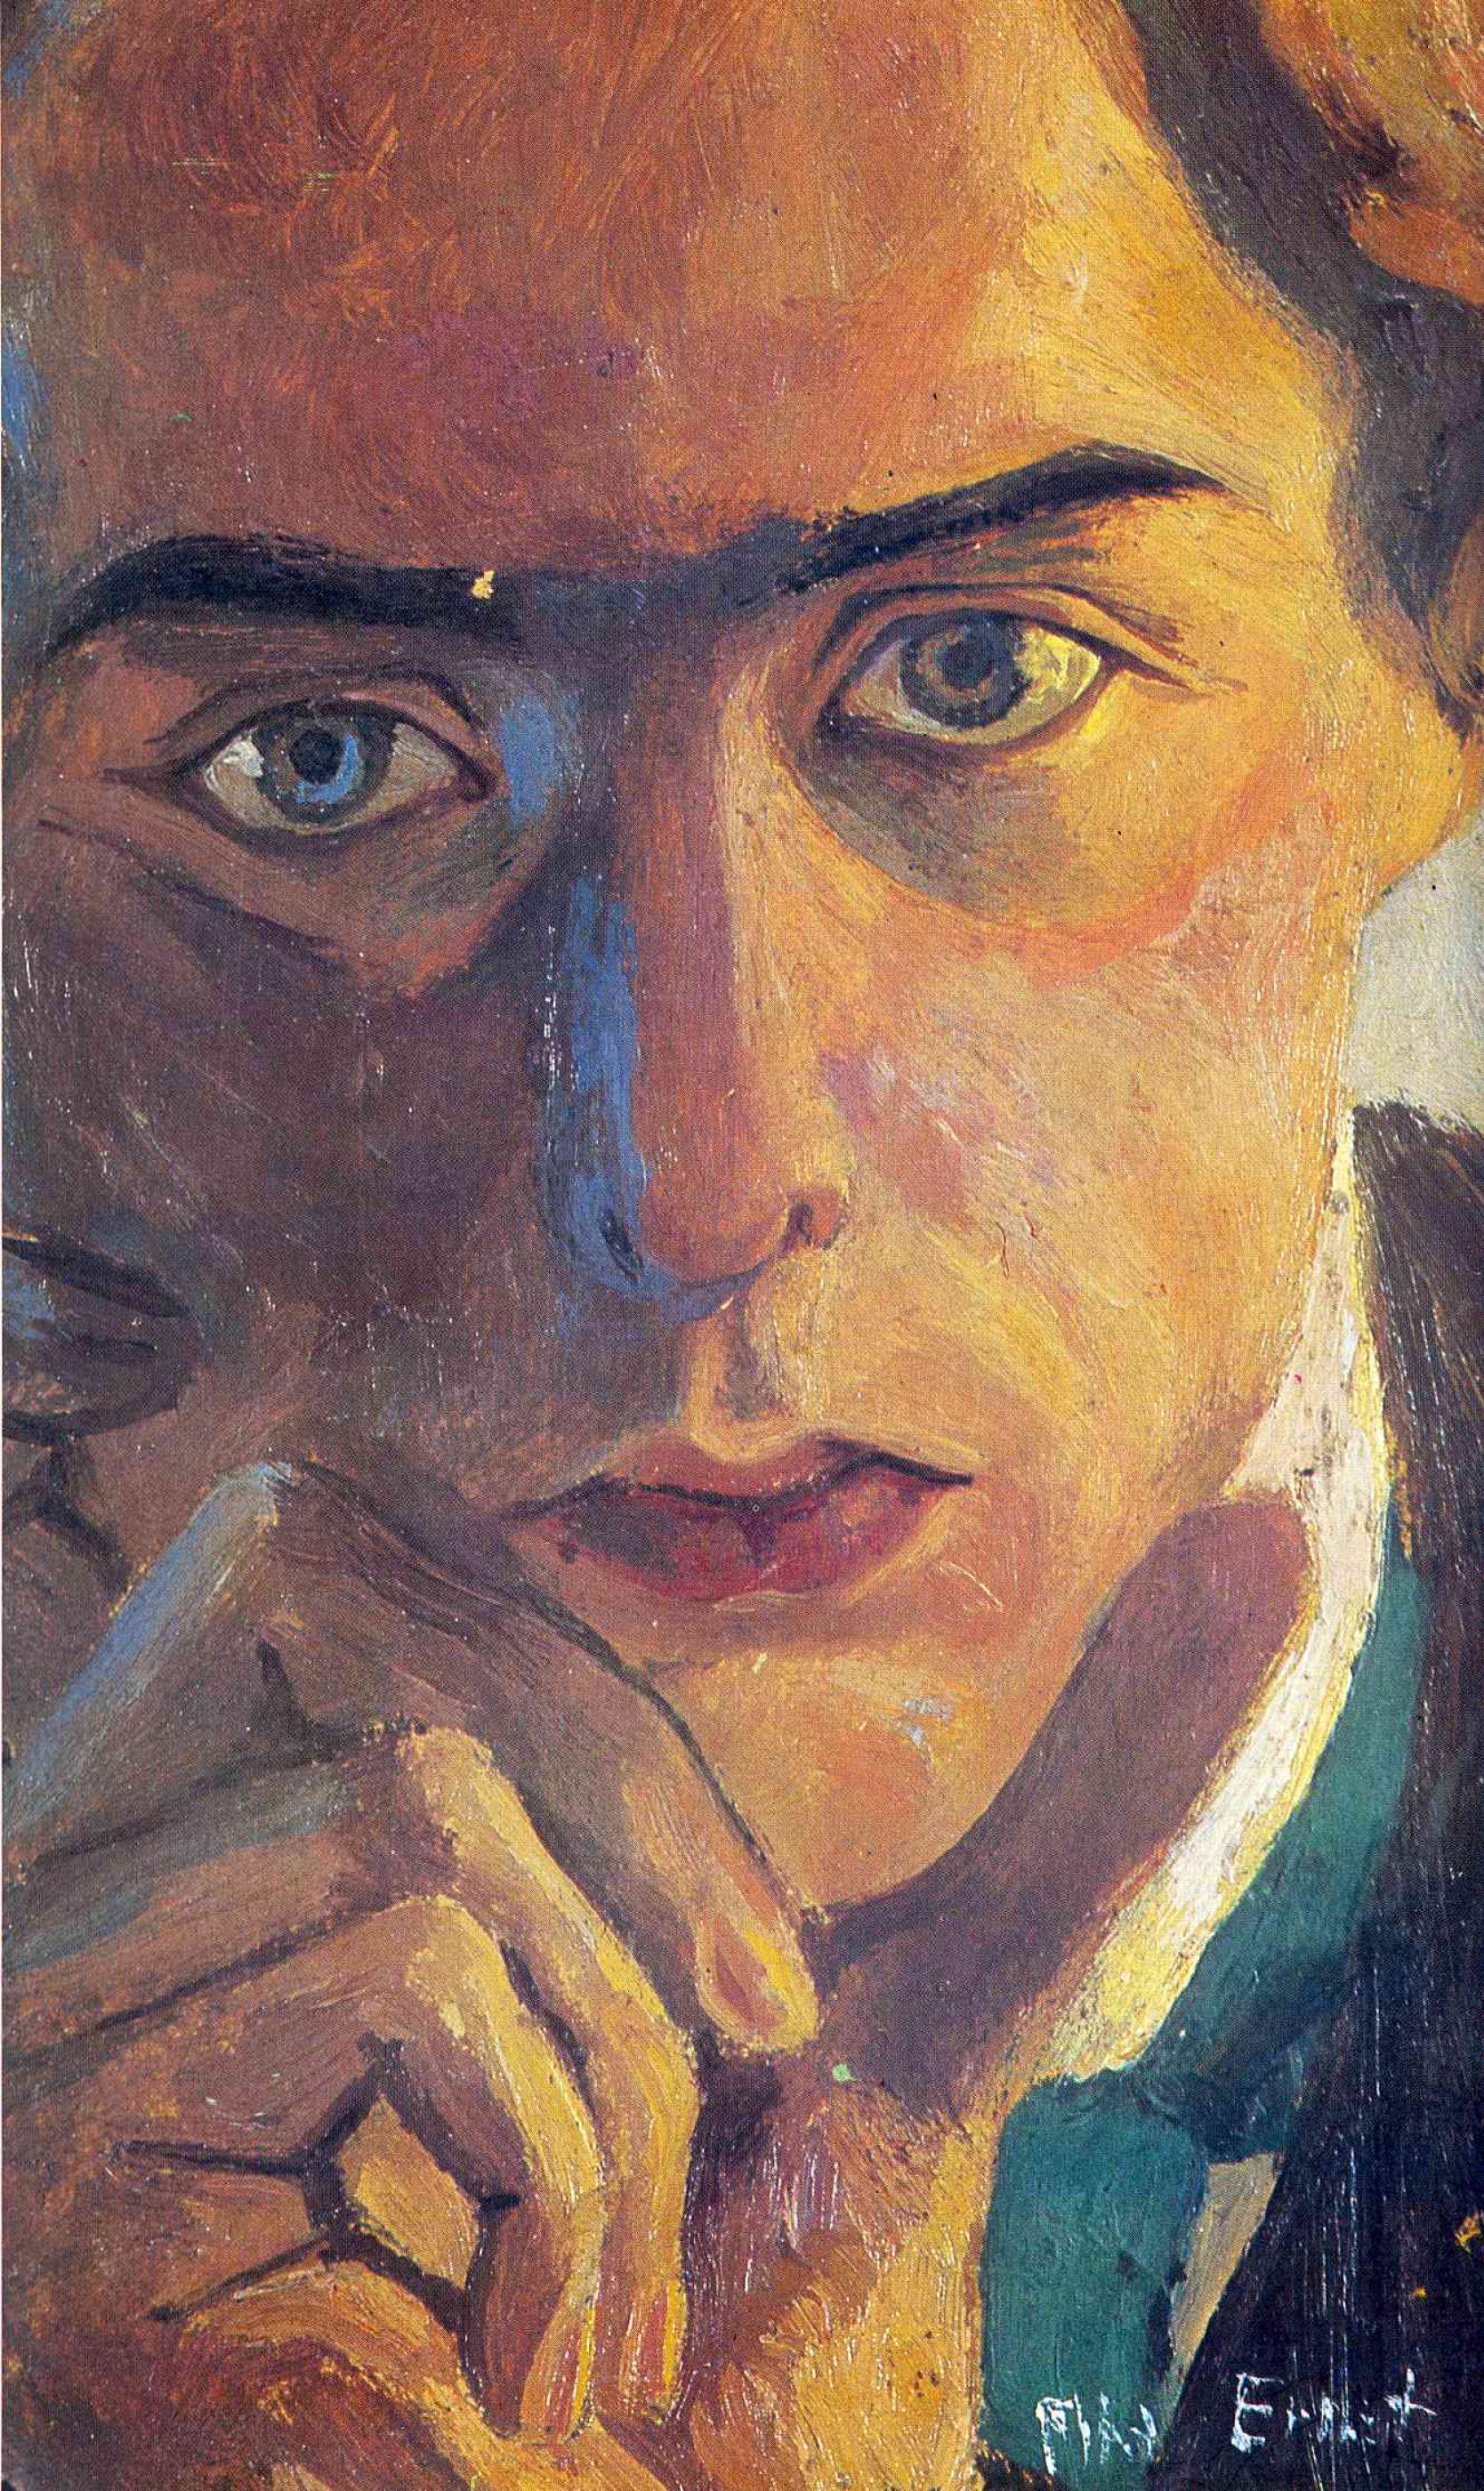 Max Ernst. Self-portrait